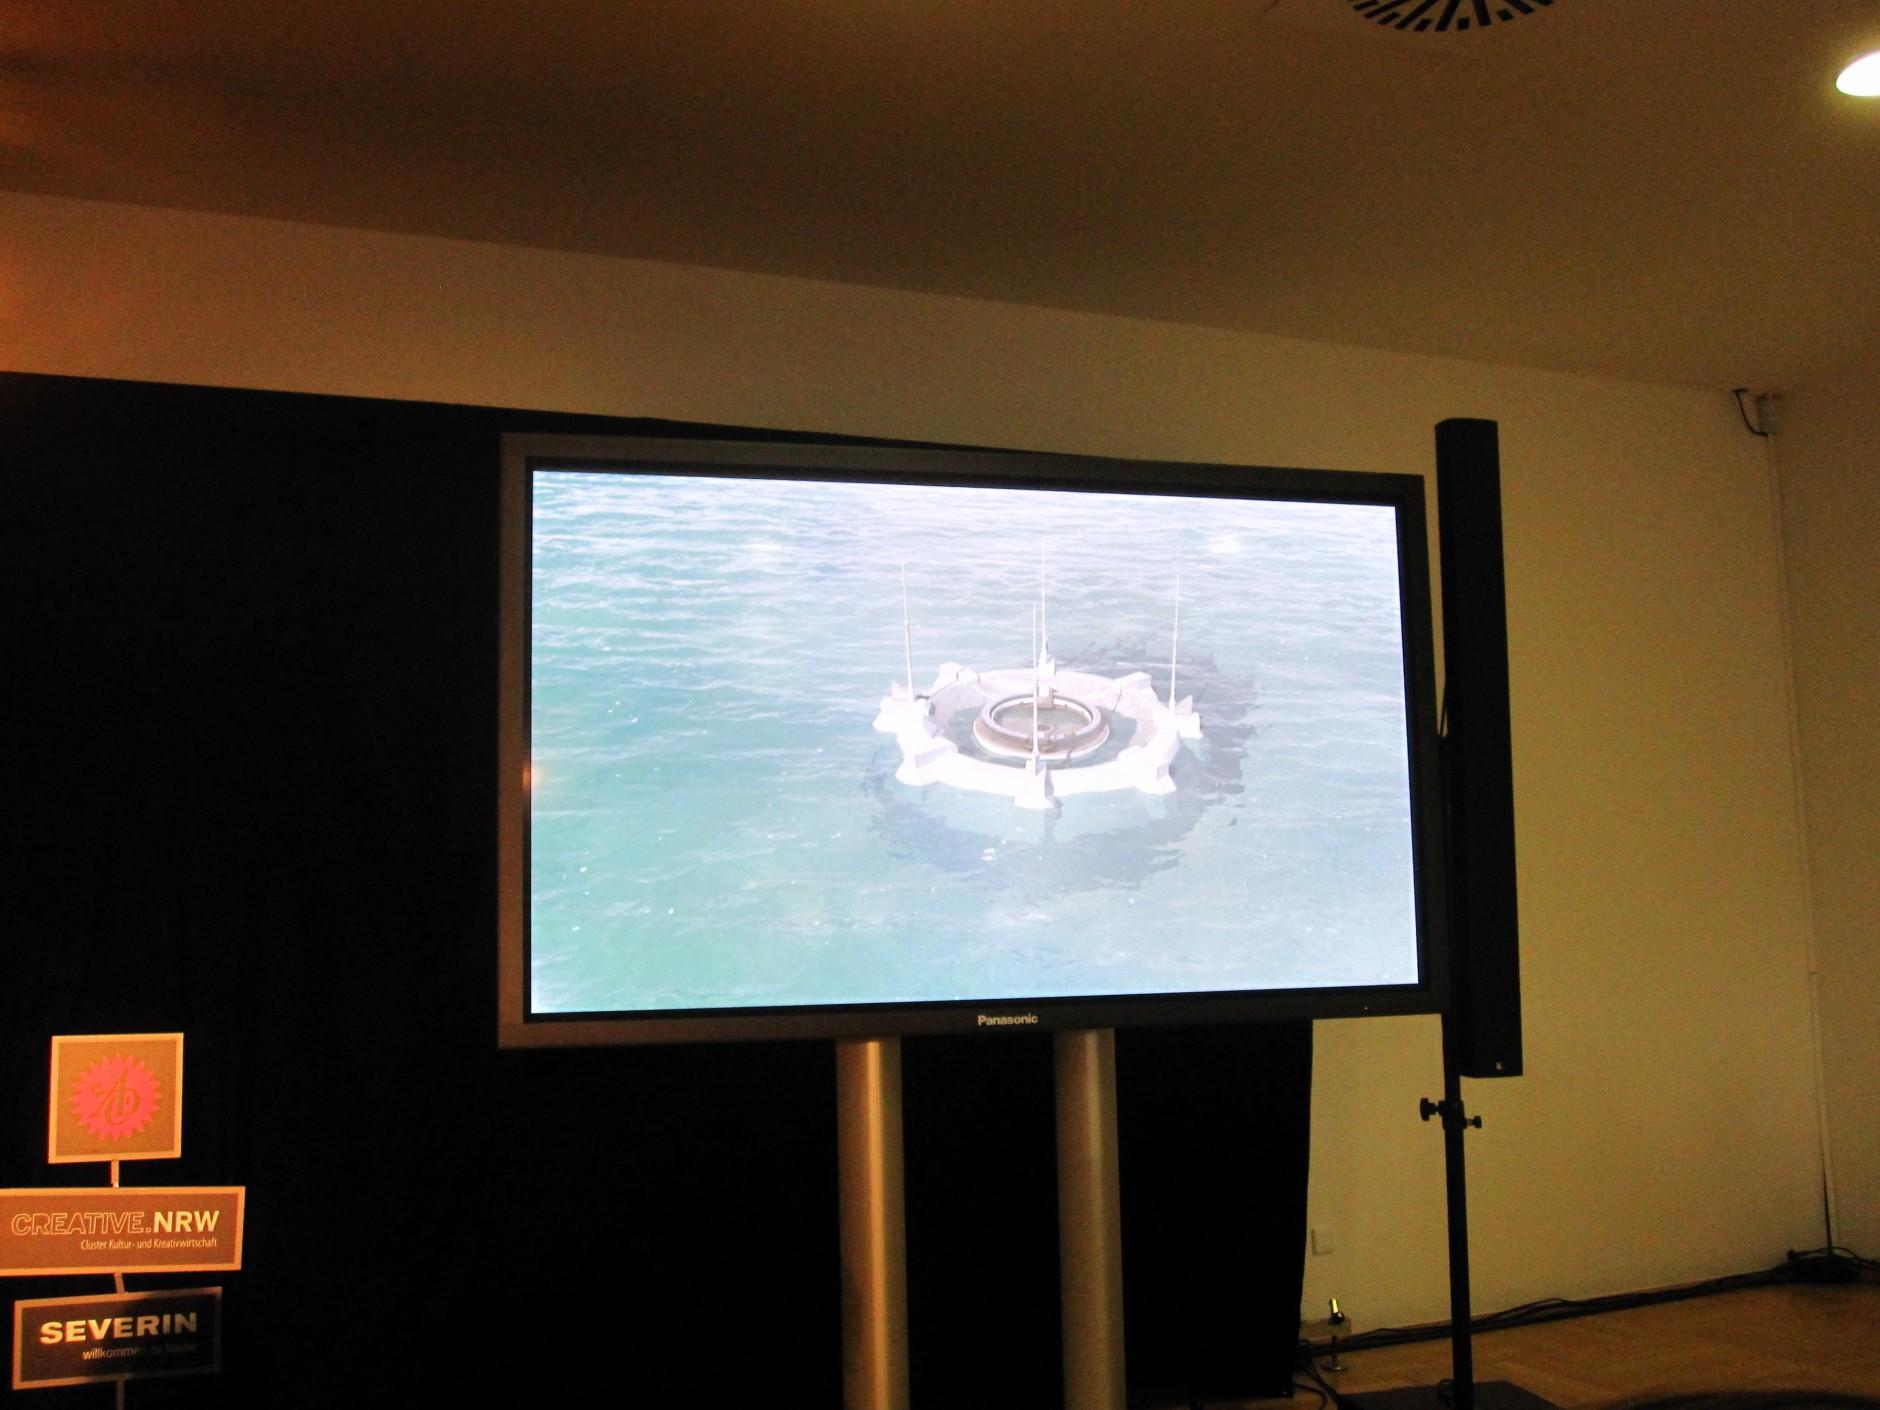 Darwin Projekt: Andreas Detjen hat eine Plattform entwickelt, die in der Hamburger Bucht eingesetzt werden könnte. Das Modell soll alle Ressourcen, die zur Energiegewinnung genutzt werden können, einsetzen: Sonnenkollektoren, Windräder, Gezeitenturbinen und Teilchenbeschleuniger. Je nach den Bedingungen in der Bucht, wird die Form der Energiegewinnung eingesetzt, die optimale Auslastung ermöglicht. Detjen hat das Konzept am IN.D Hamburg entwickelt. Es betreute ihn Peter Hohl.